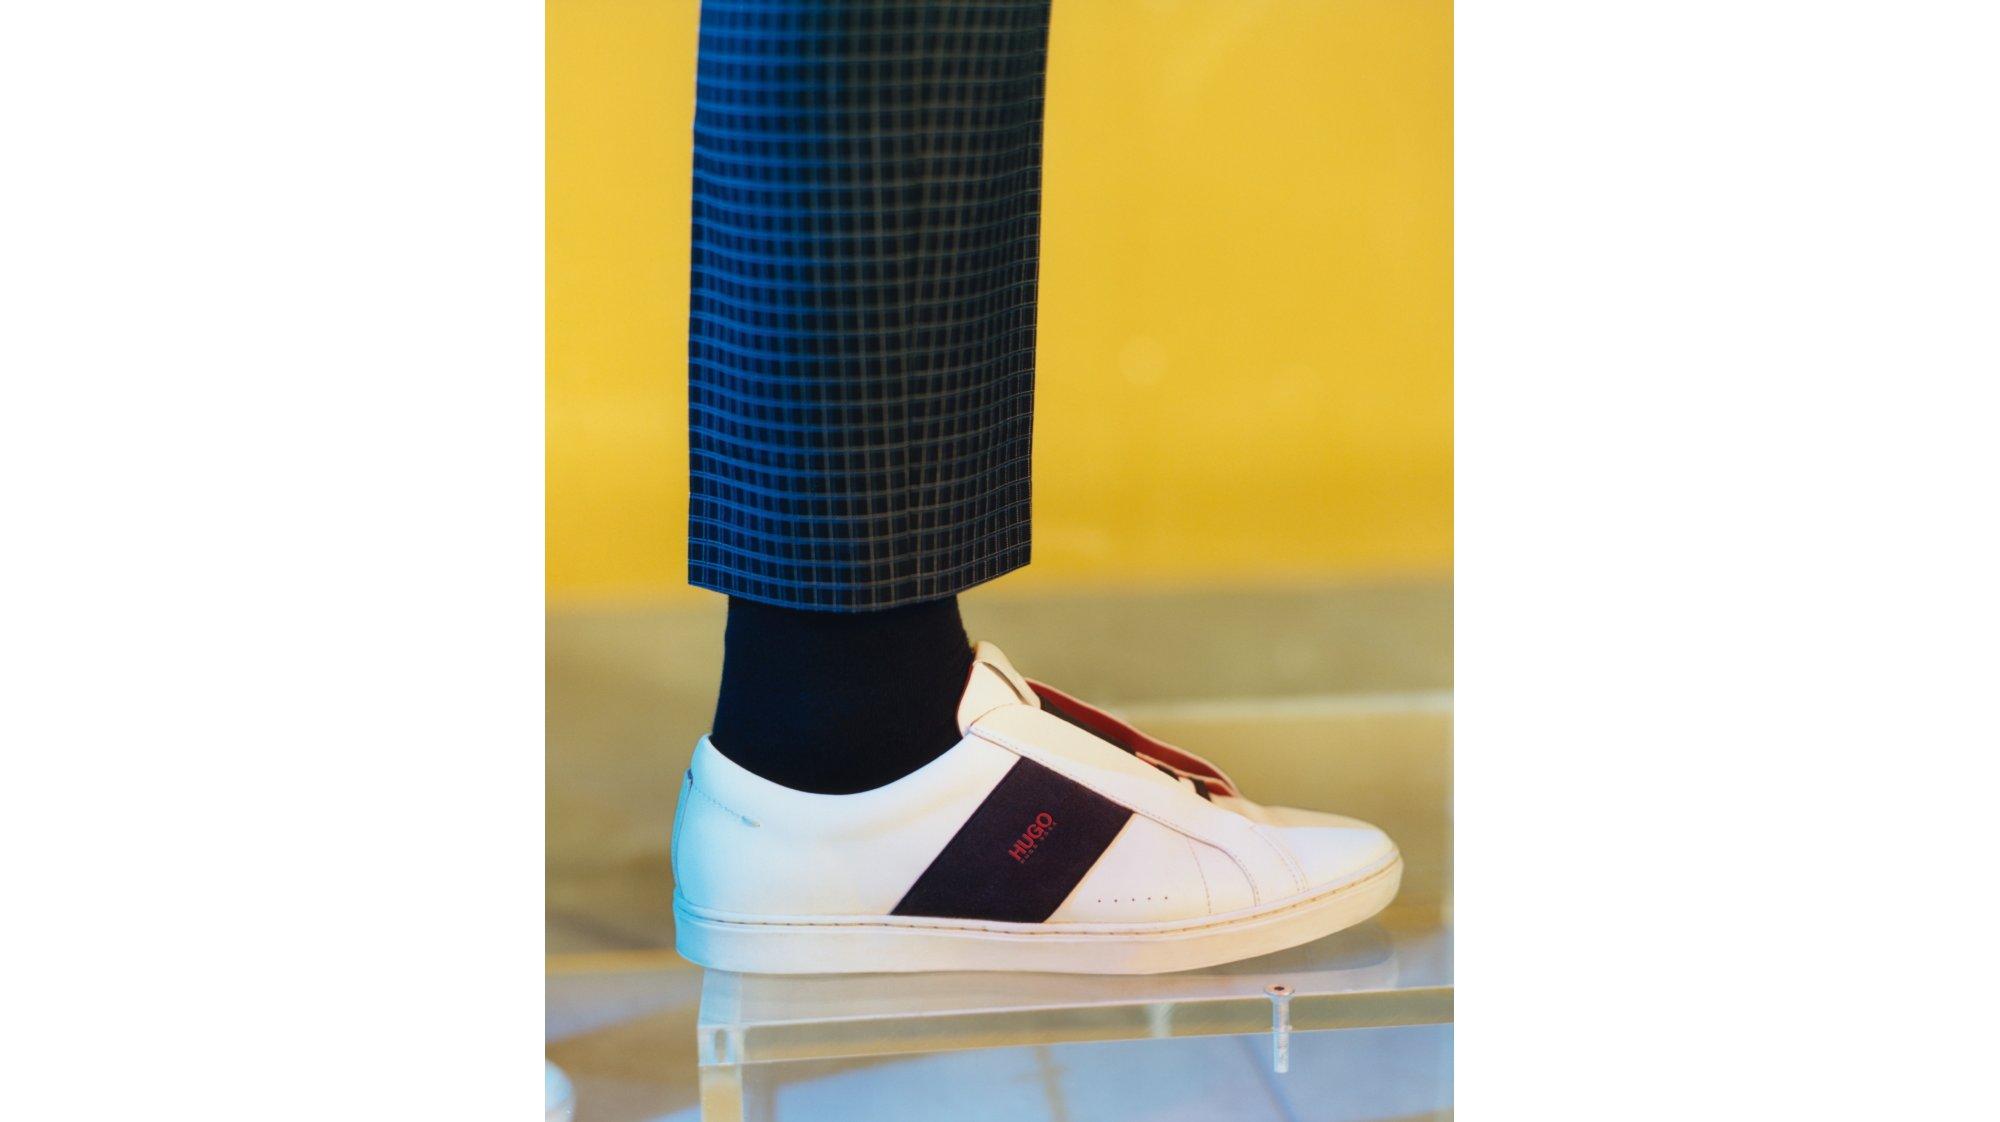 Shoe by HUGO